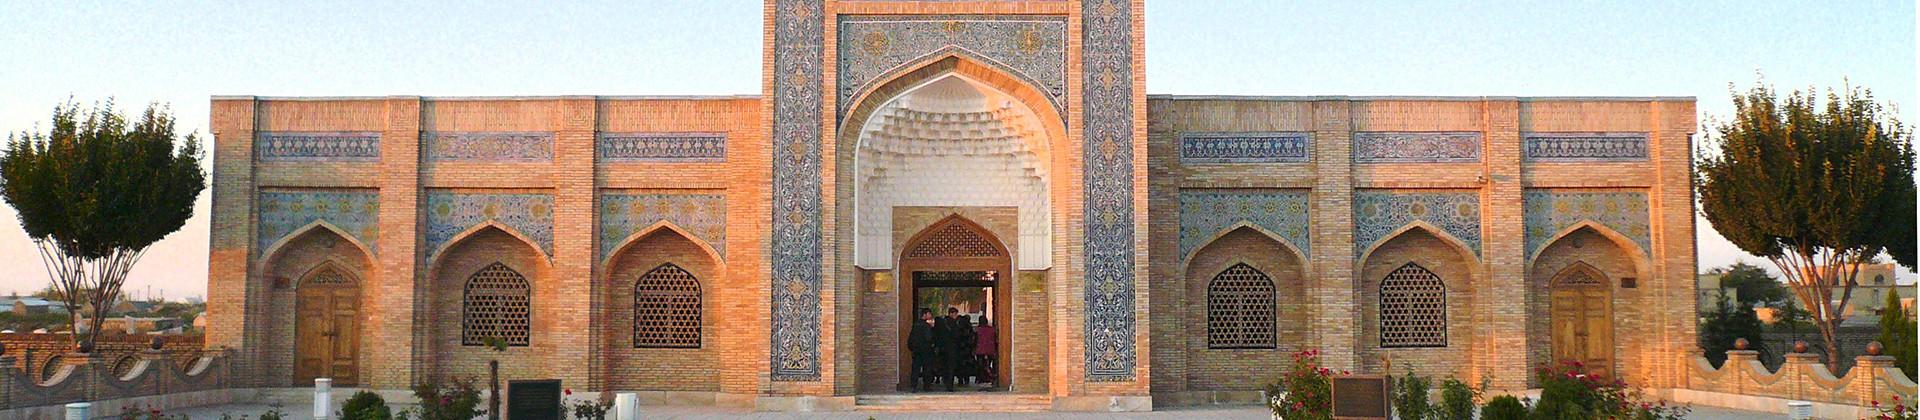 Ziyara tour to Uzbekistan - 1